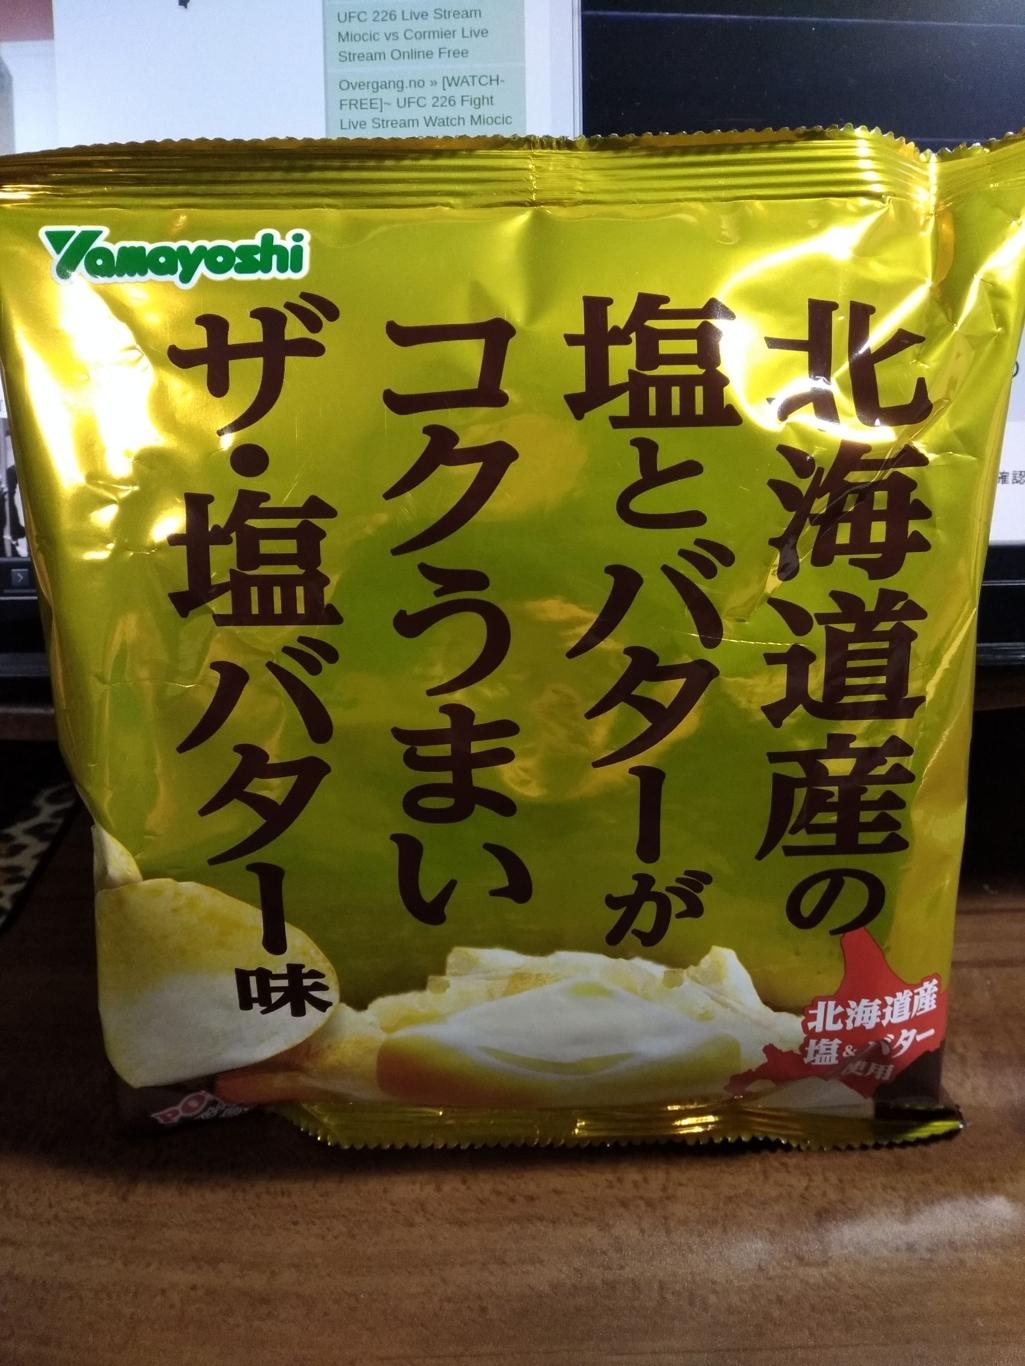 北海道産の塩とバターがコクうまいザ・塩バター味ポテトチップス